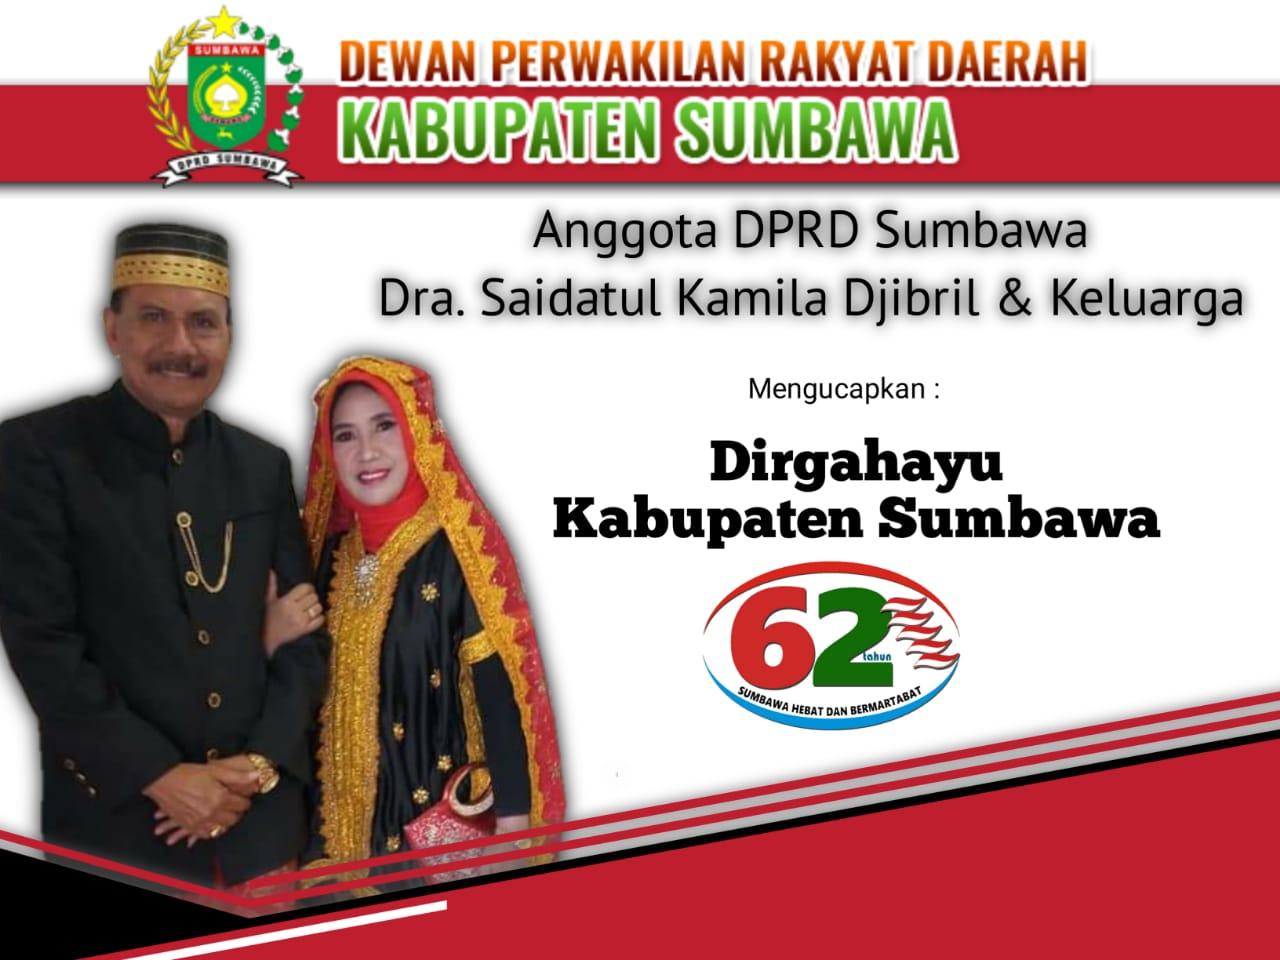 Anggota DPRD Kabupaten Sumbawa – Dra. Saidatul Kamila Djibril & Keluarga Mengucapkan Dirgahayu Kabupaten Sumbawa Ke – 62 Tahun